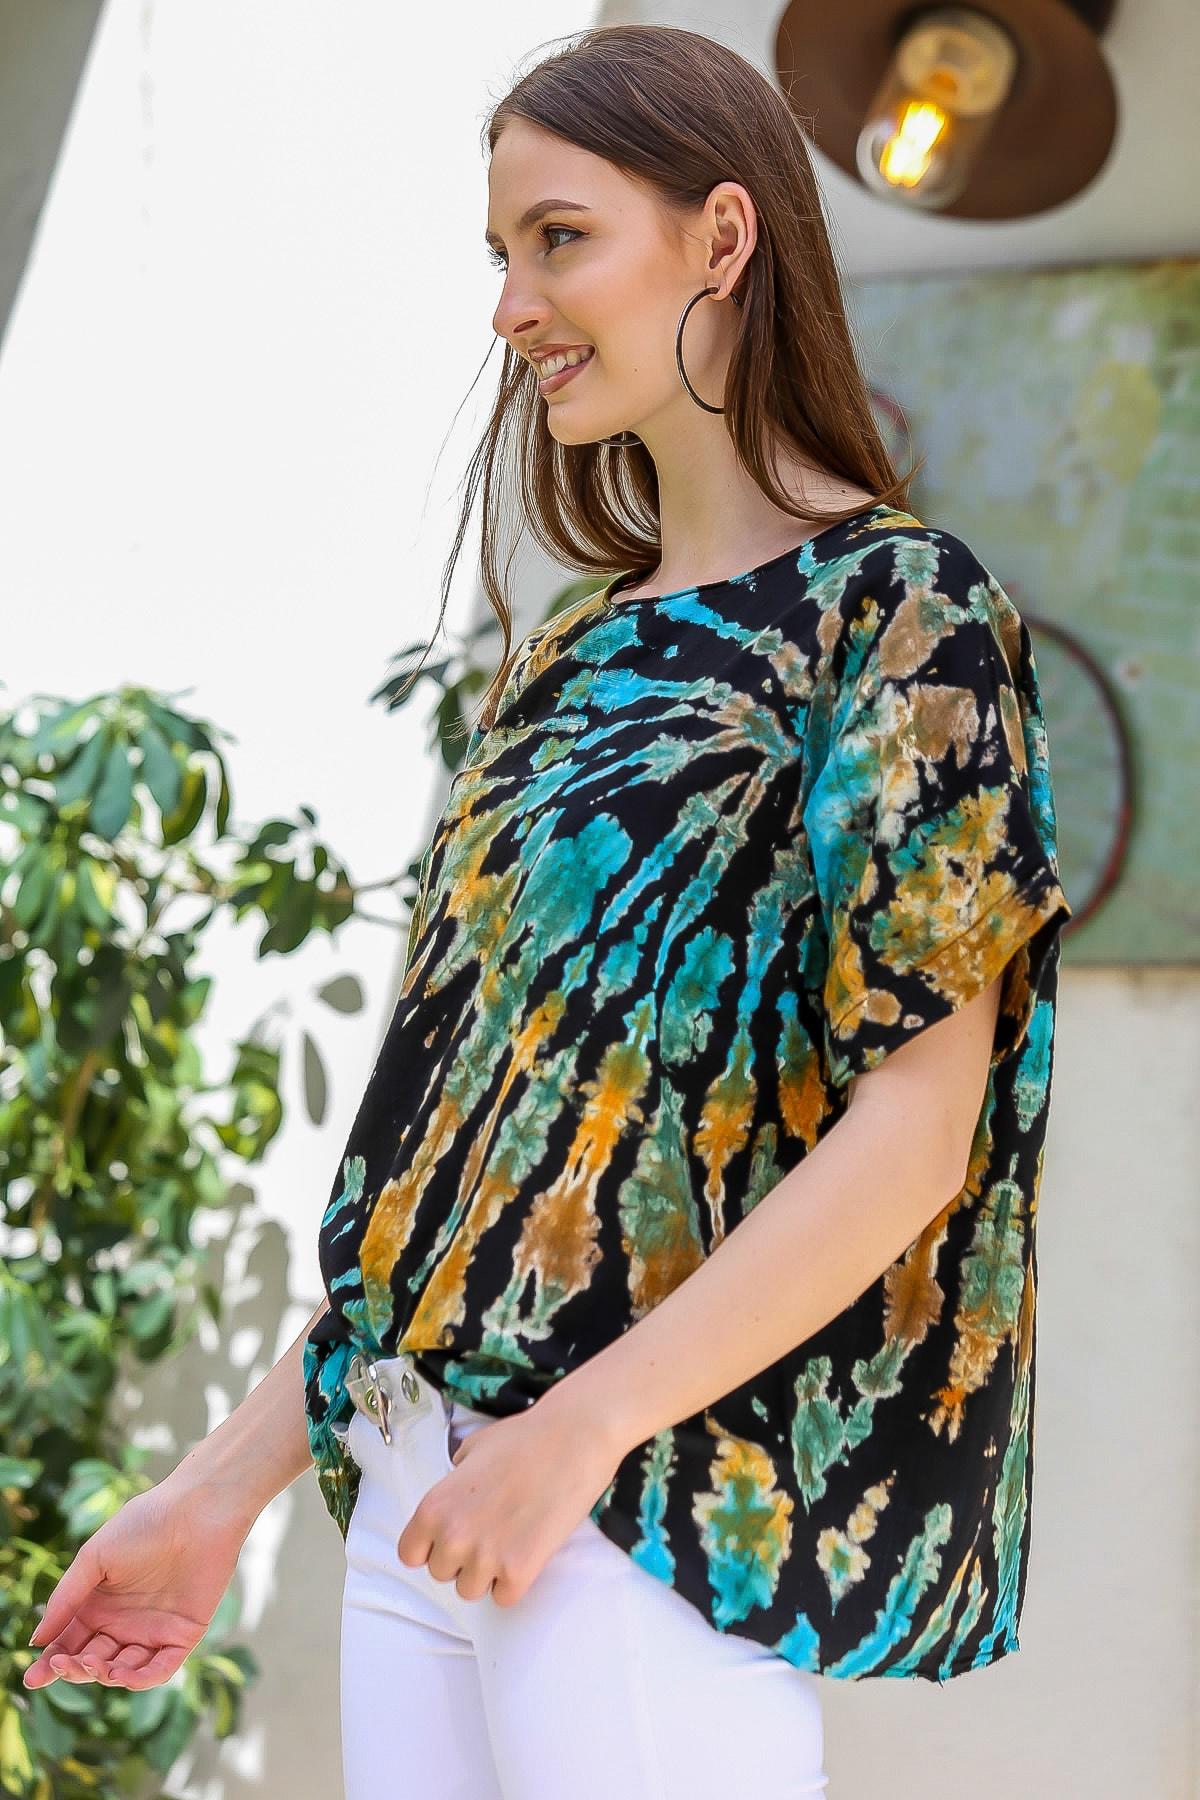 Chiccy Kadın Siyah-Mavi Sıfır Yaka Batik Desenli Dokuma Salaş Bluz M10010200BL95416 3